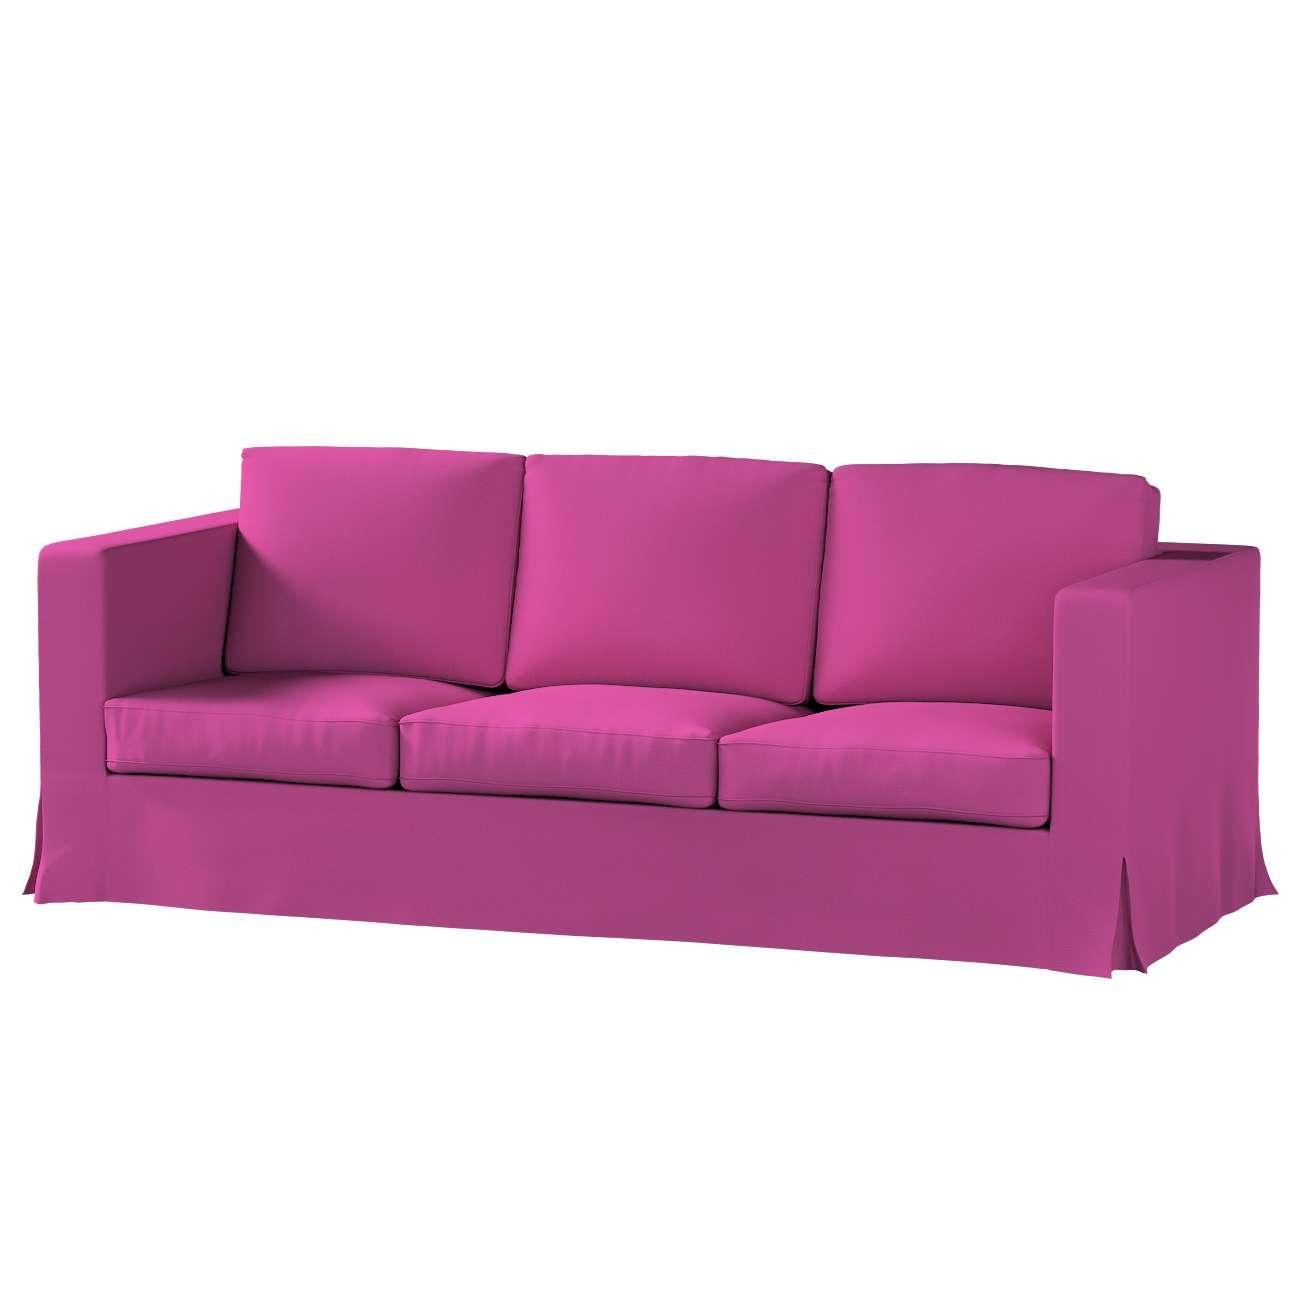 KARLANDA trivietės sofos iki žemės užvalkalas KARLANDA trivietės sofos iki žemės užvalkalas kolekcijoje Etna , audinys: 705-23